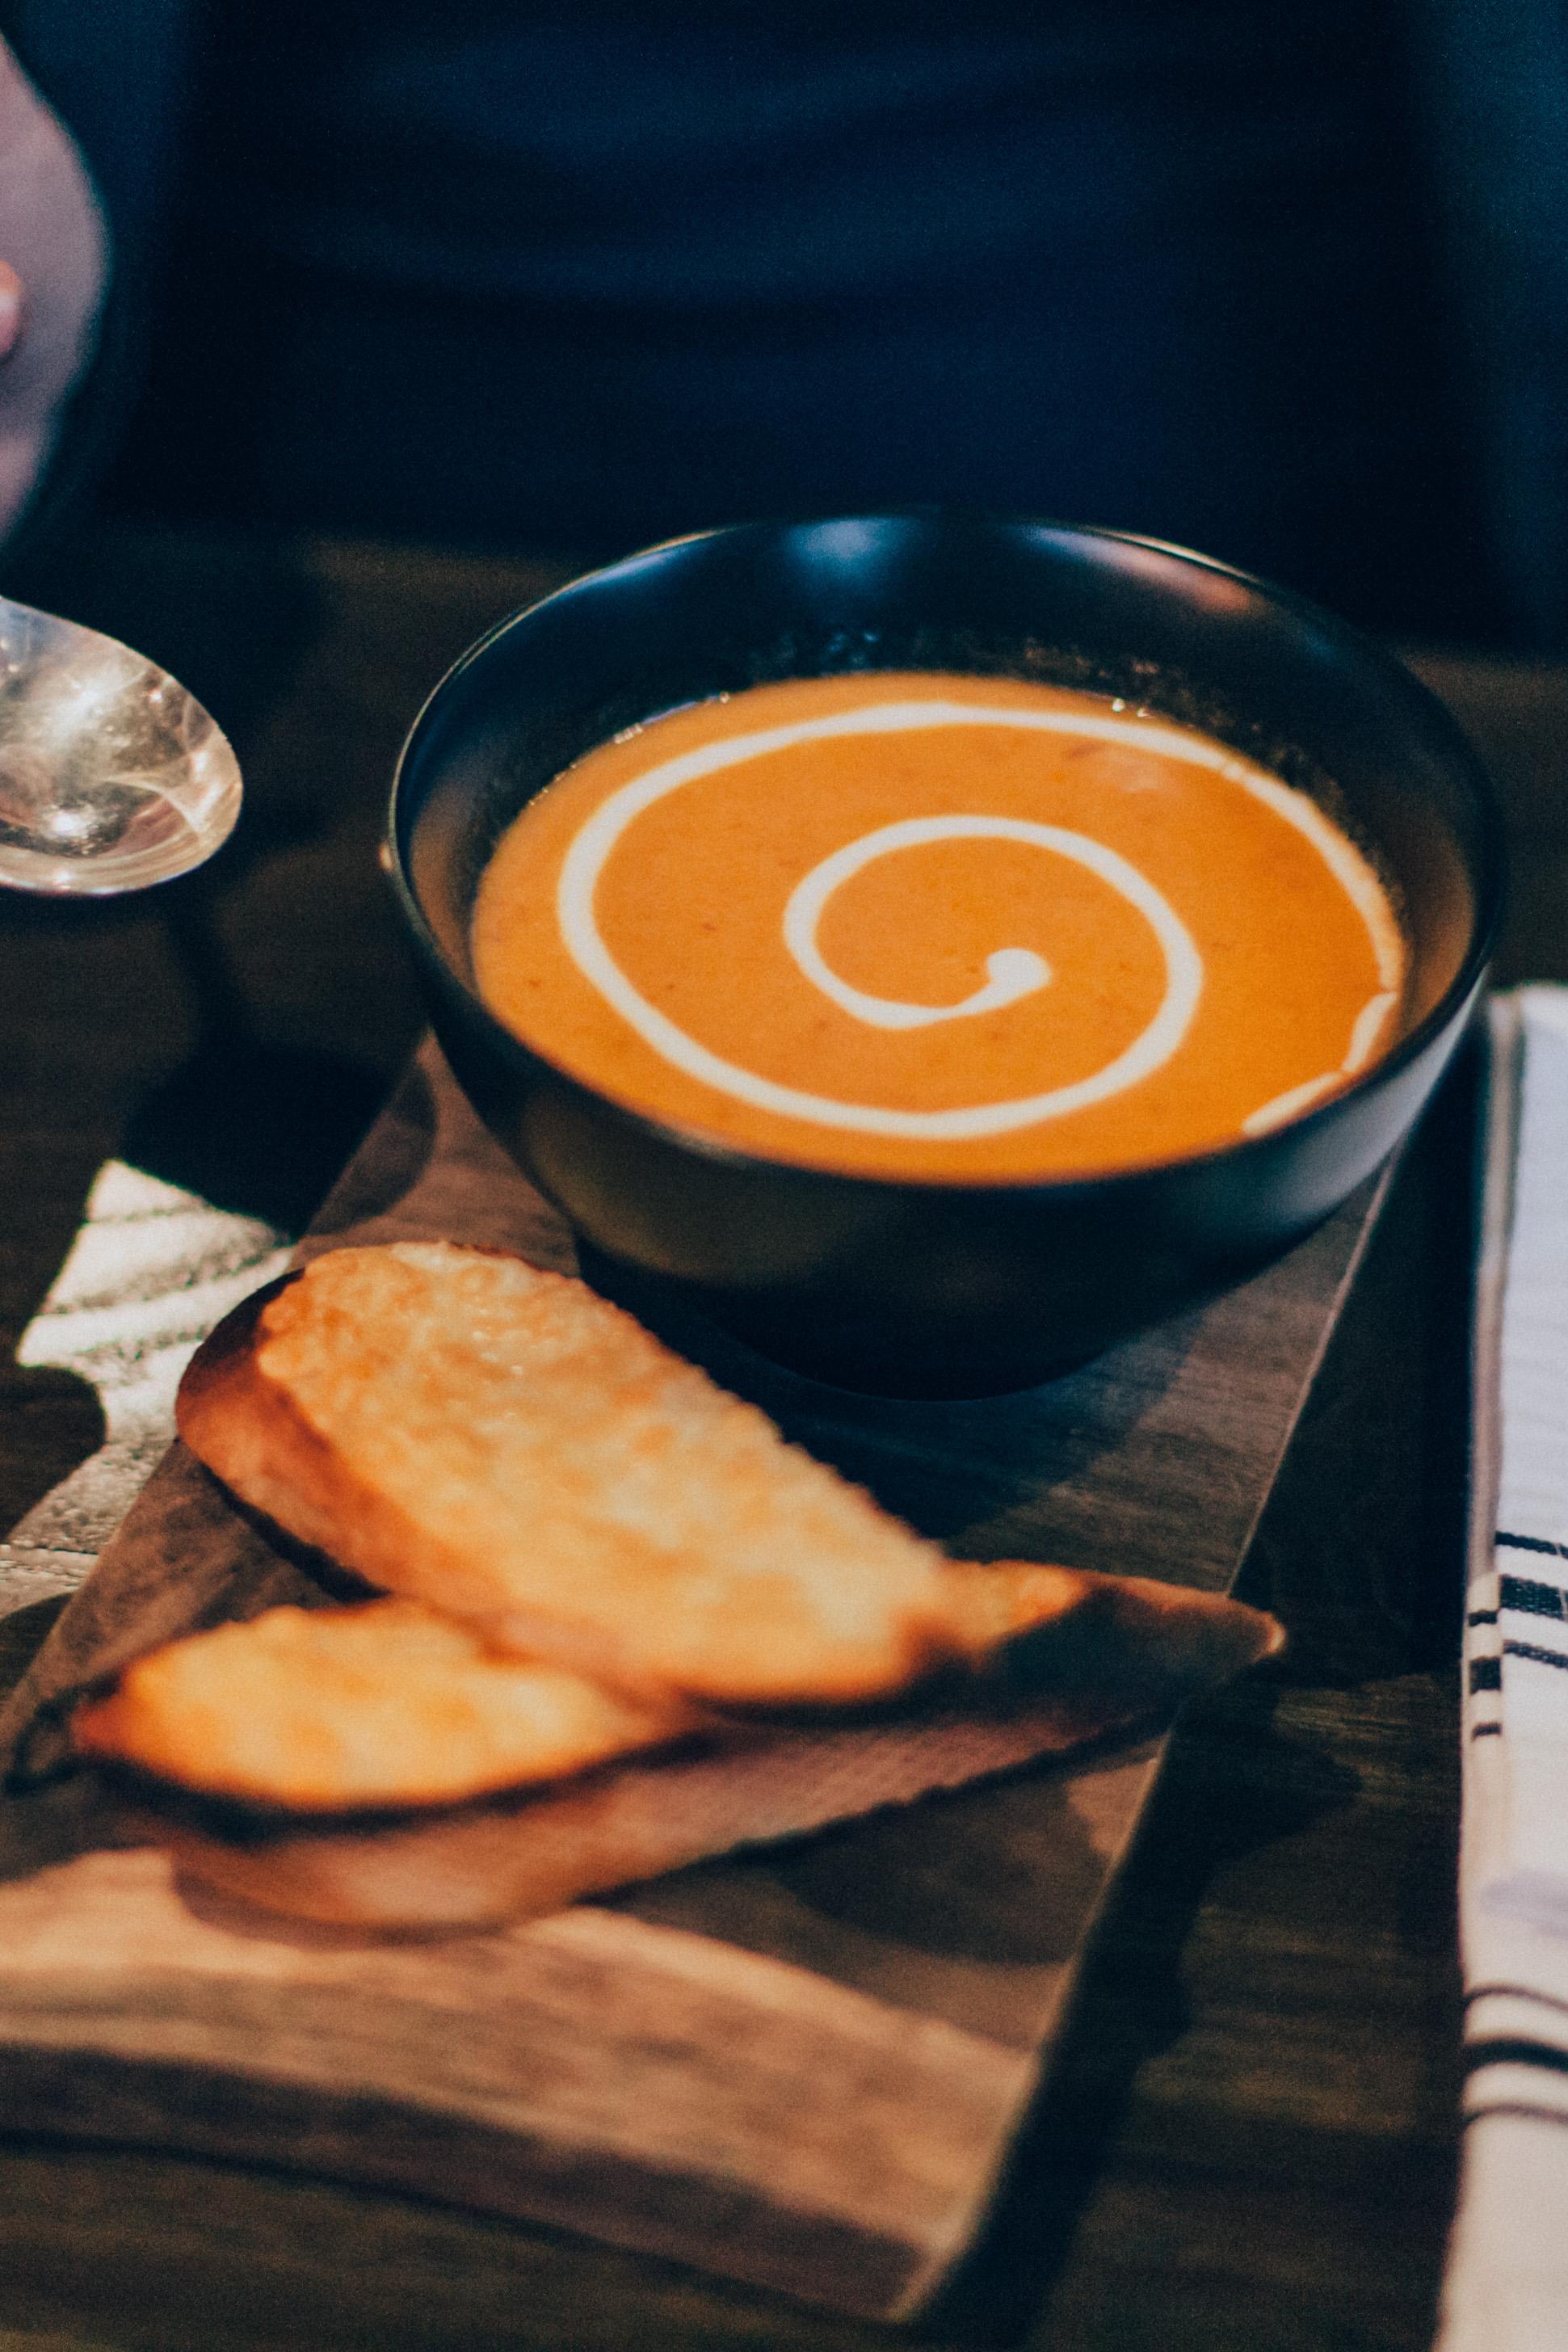 Tomato Soup - Heirloom tomatoes, prosciutto & cream.